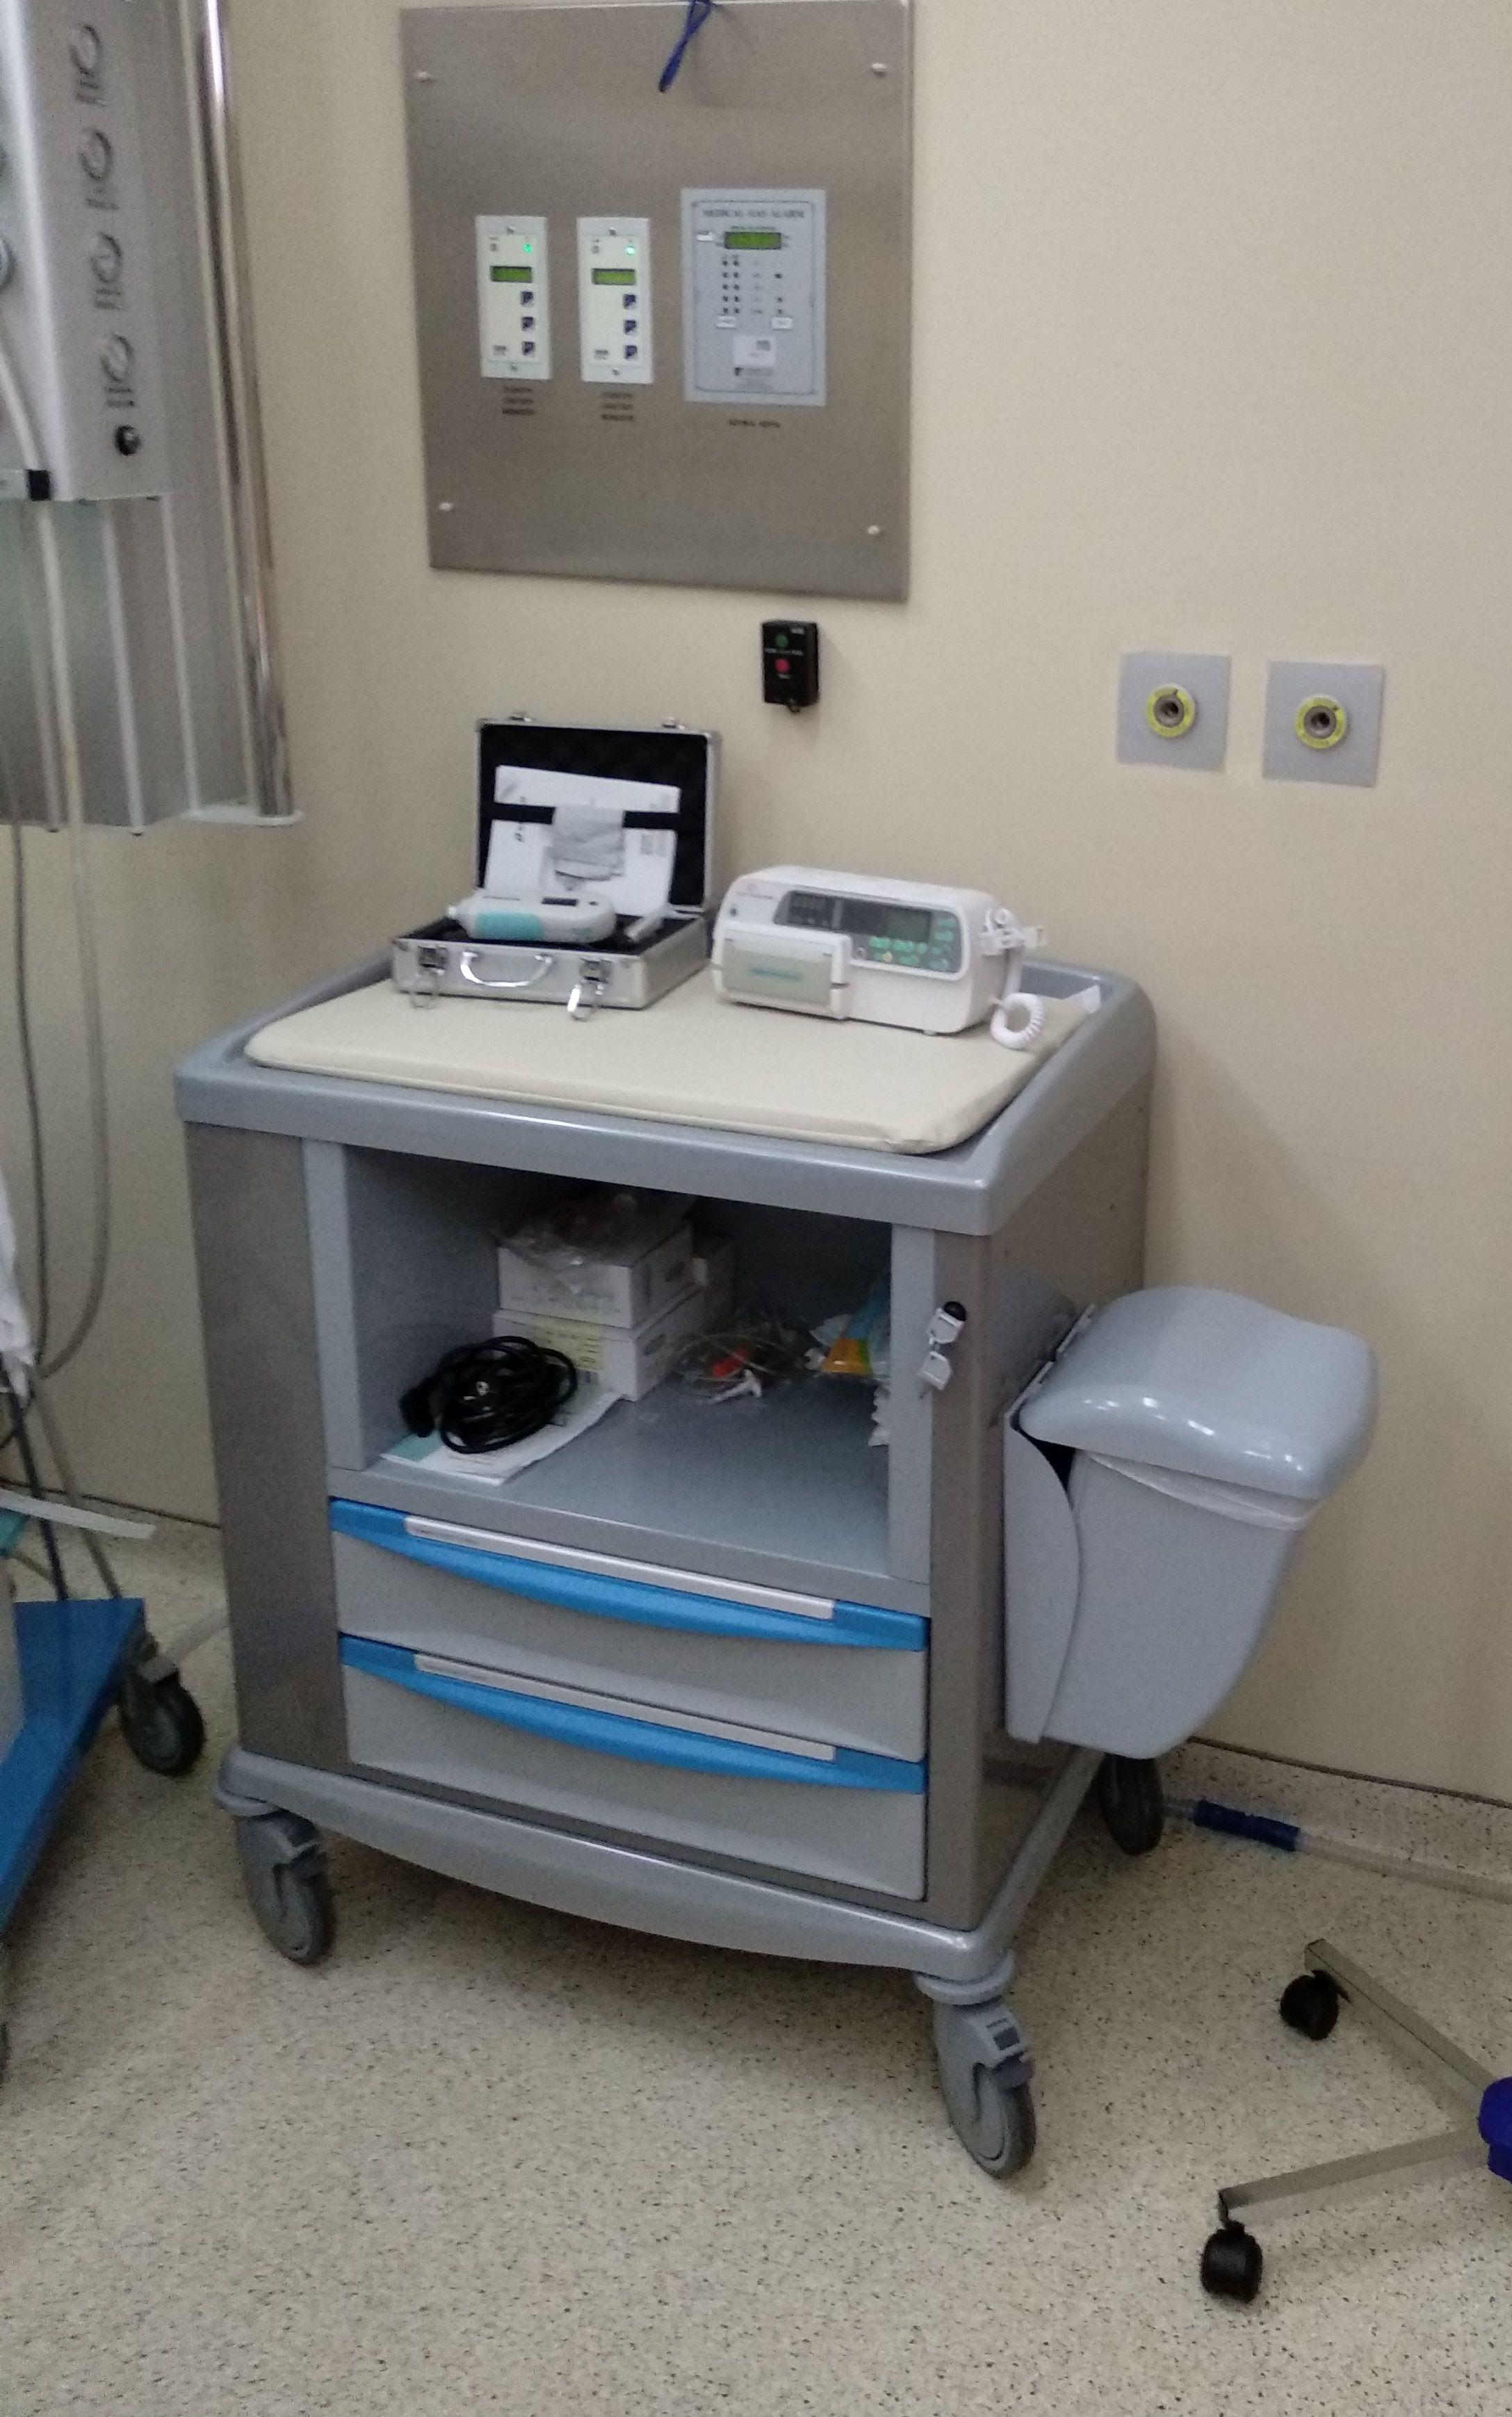 syros troxilato neognonxolerythrinometro antlia